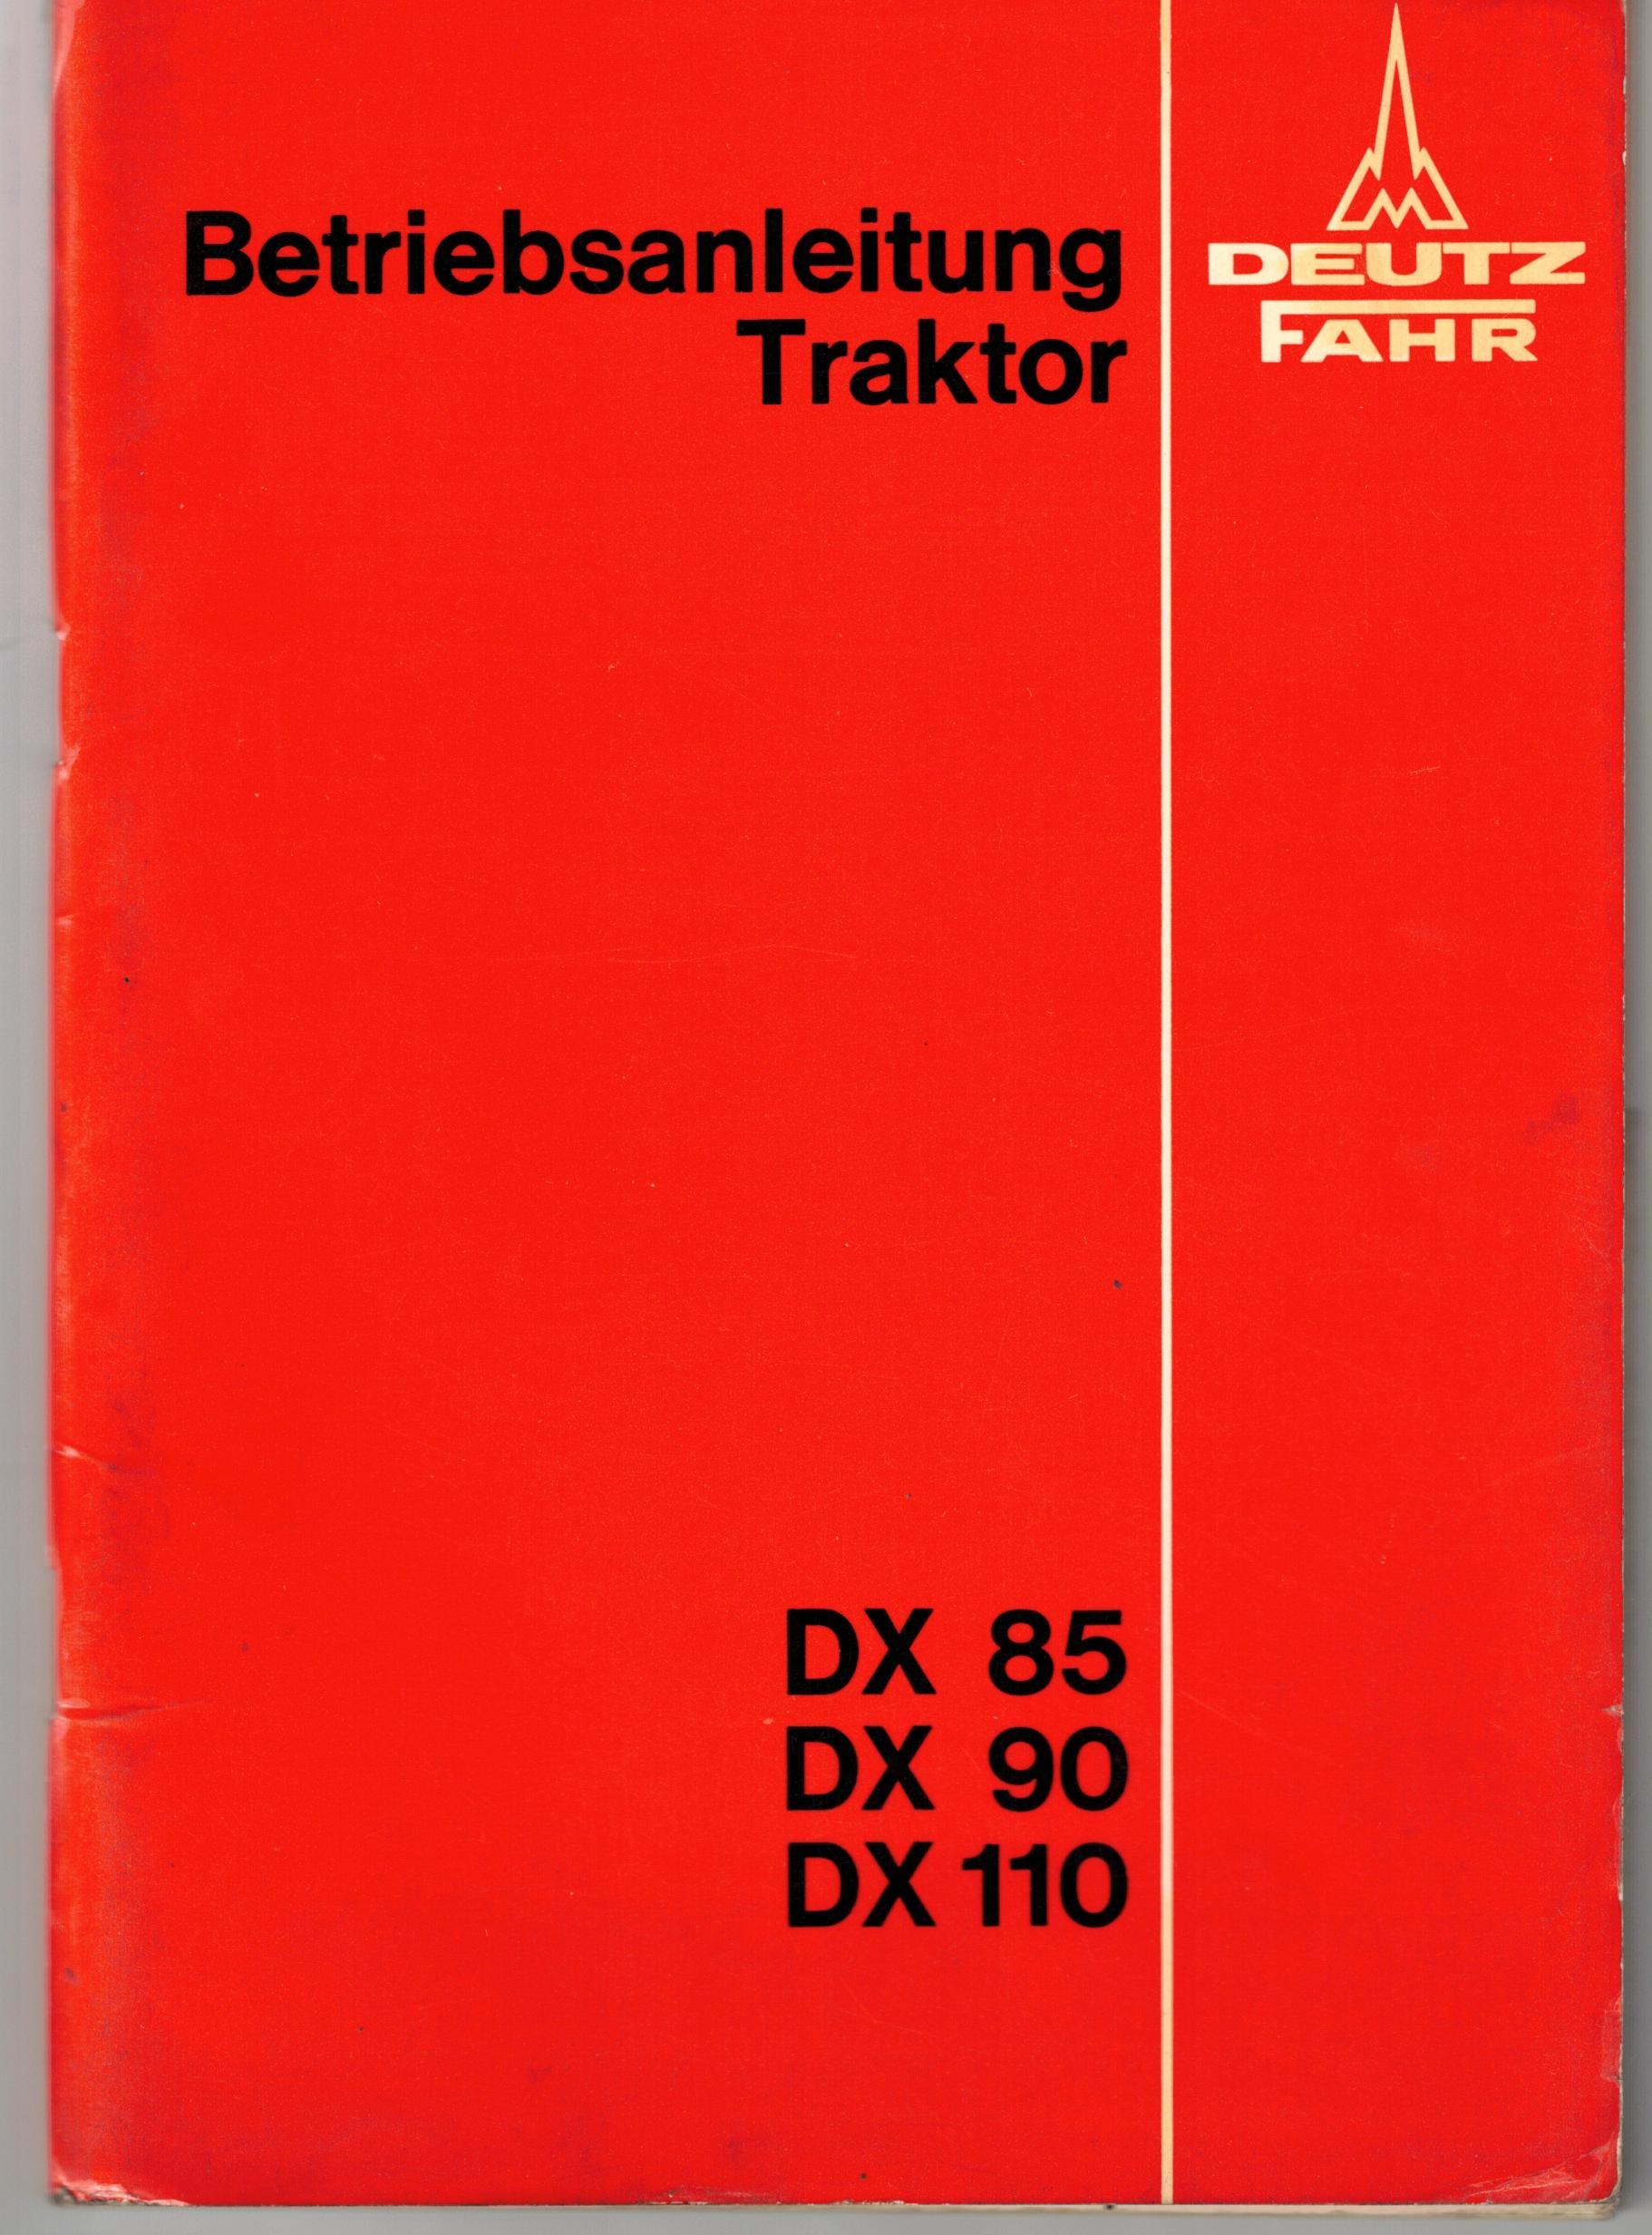 Bedienungsanleitung Deutz DX 85, DX 90, DX 110